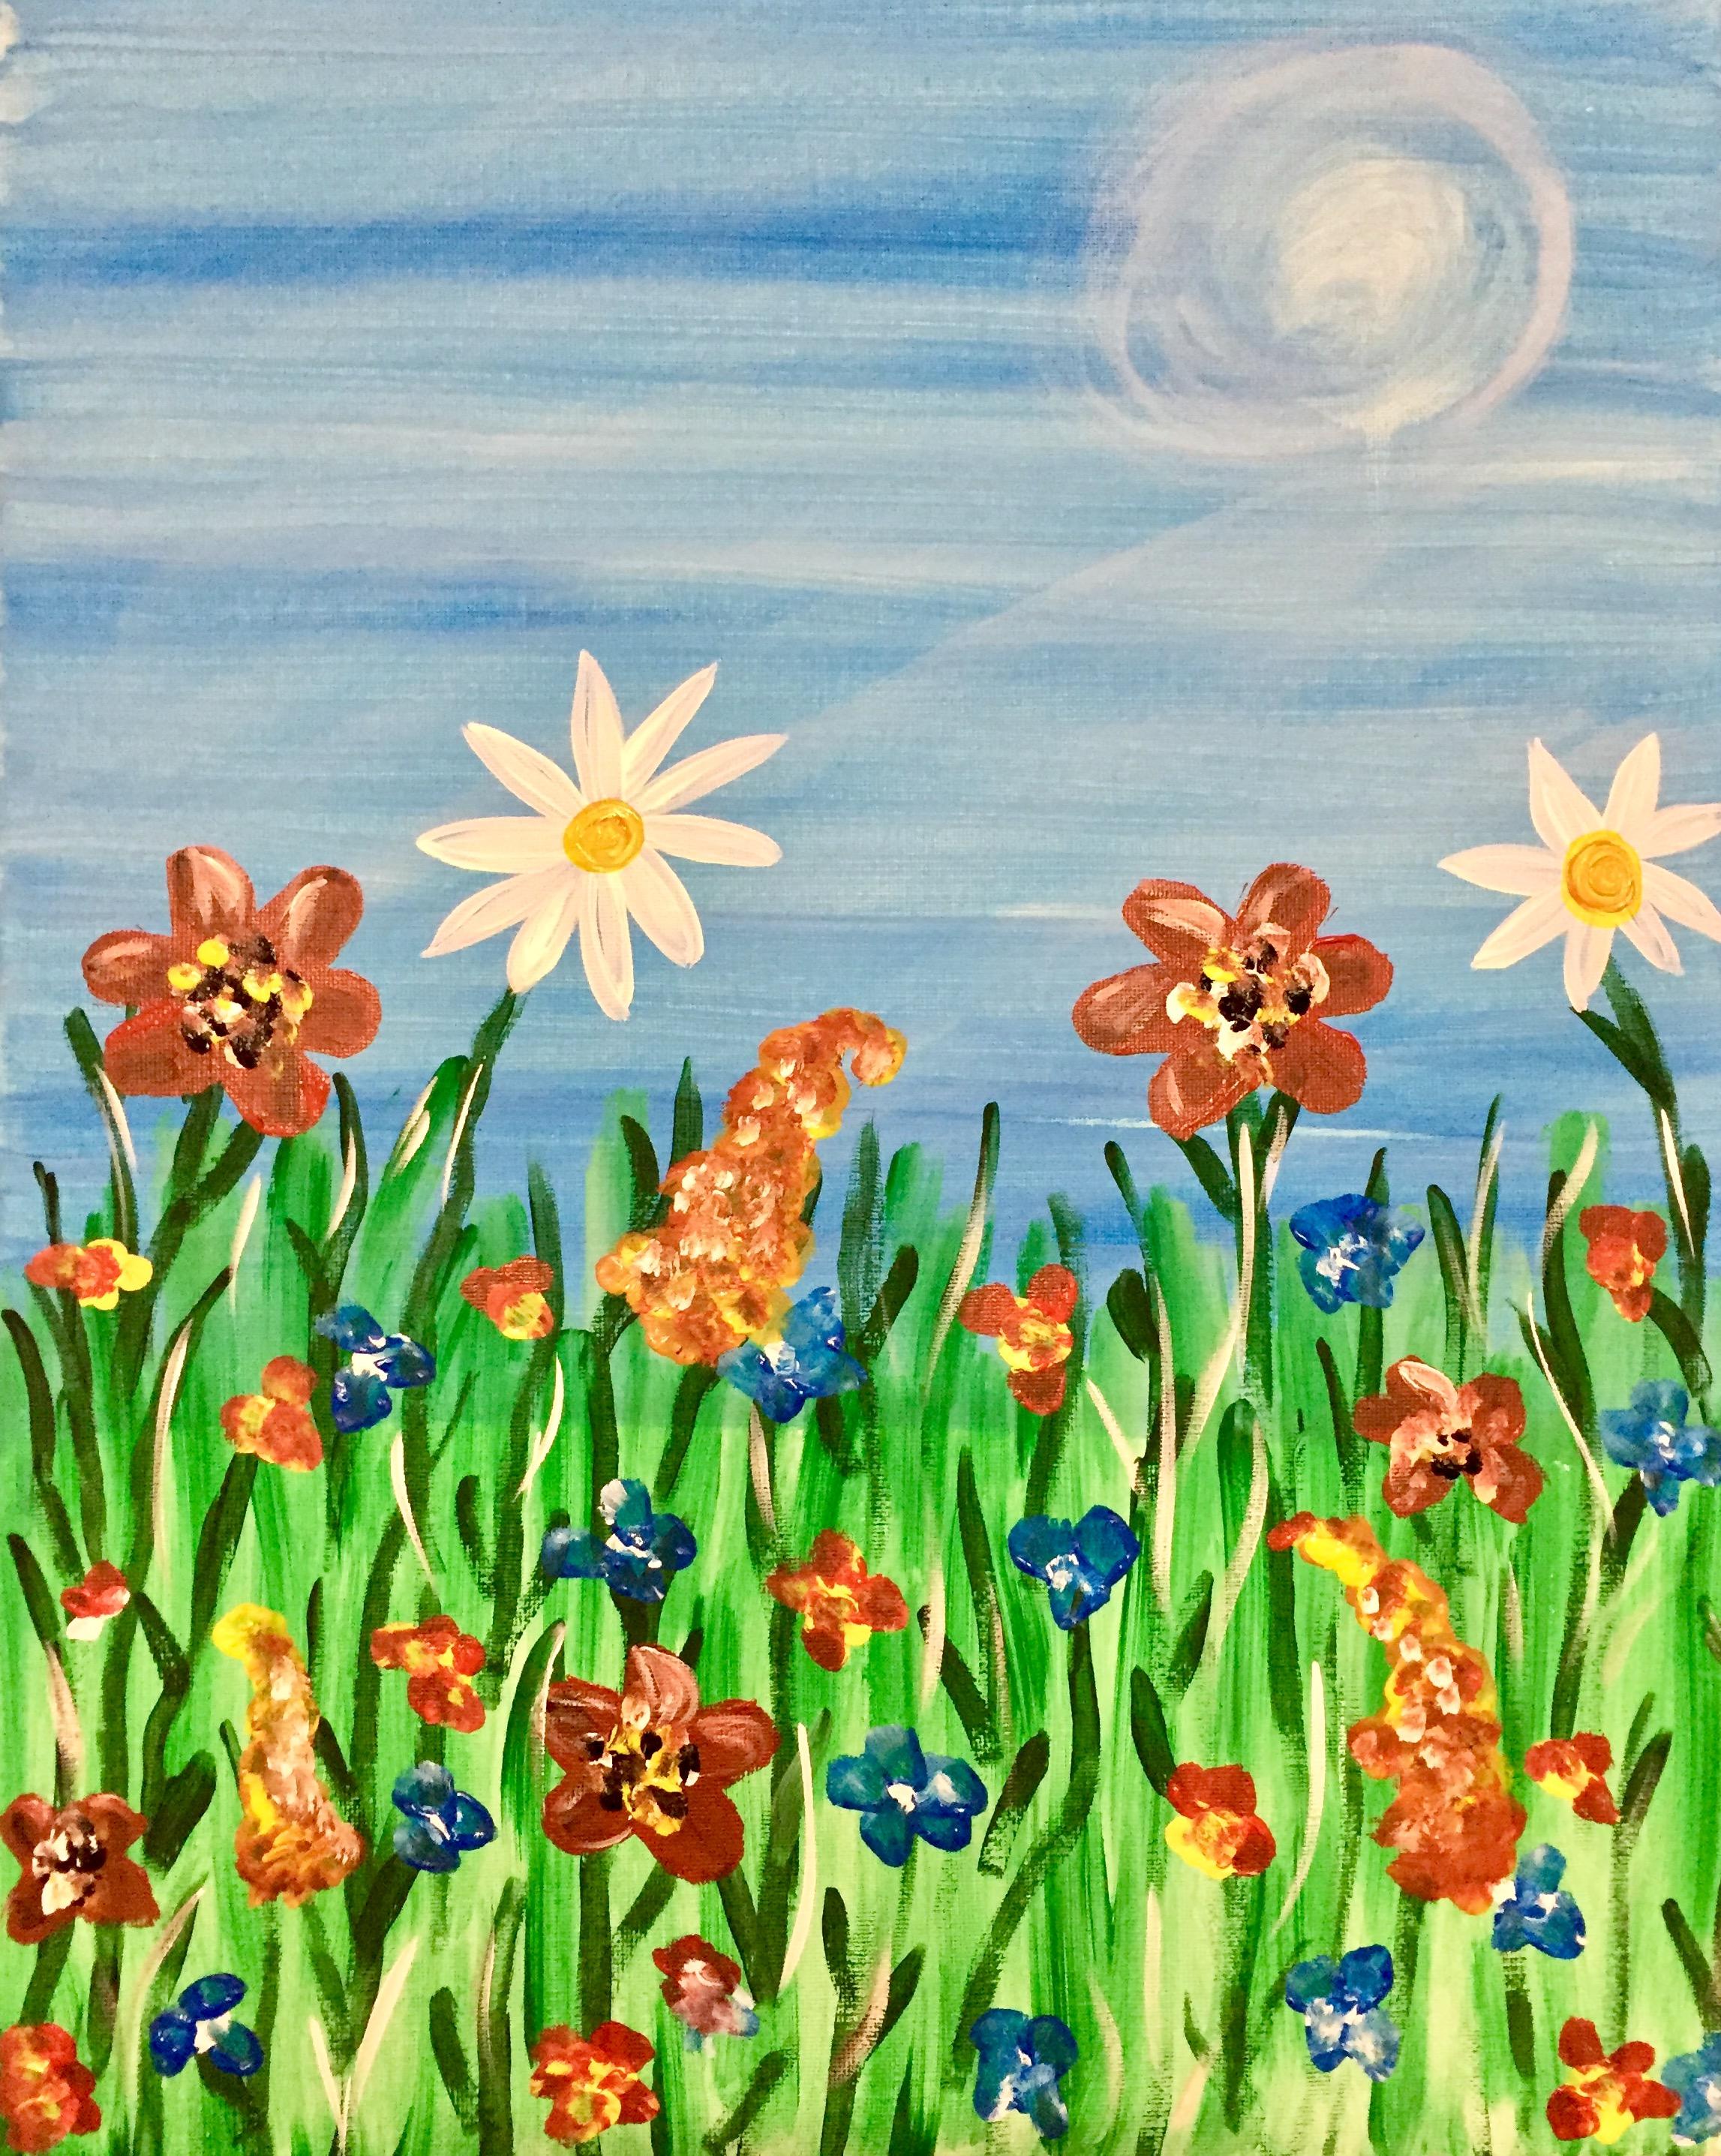 Field of Spring